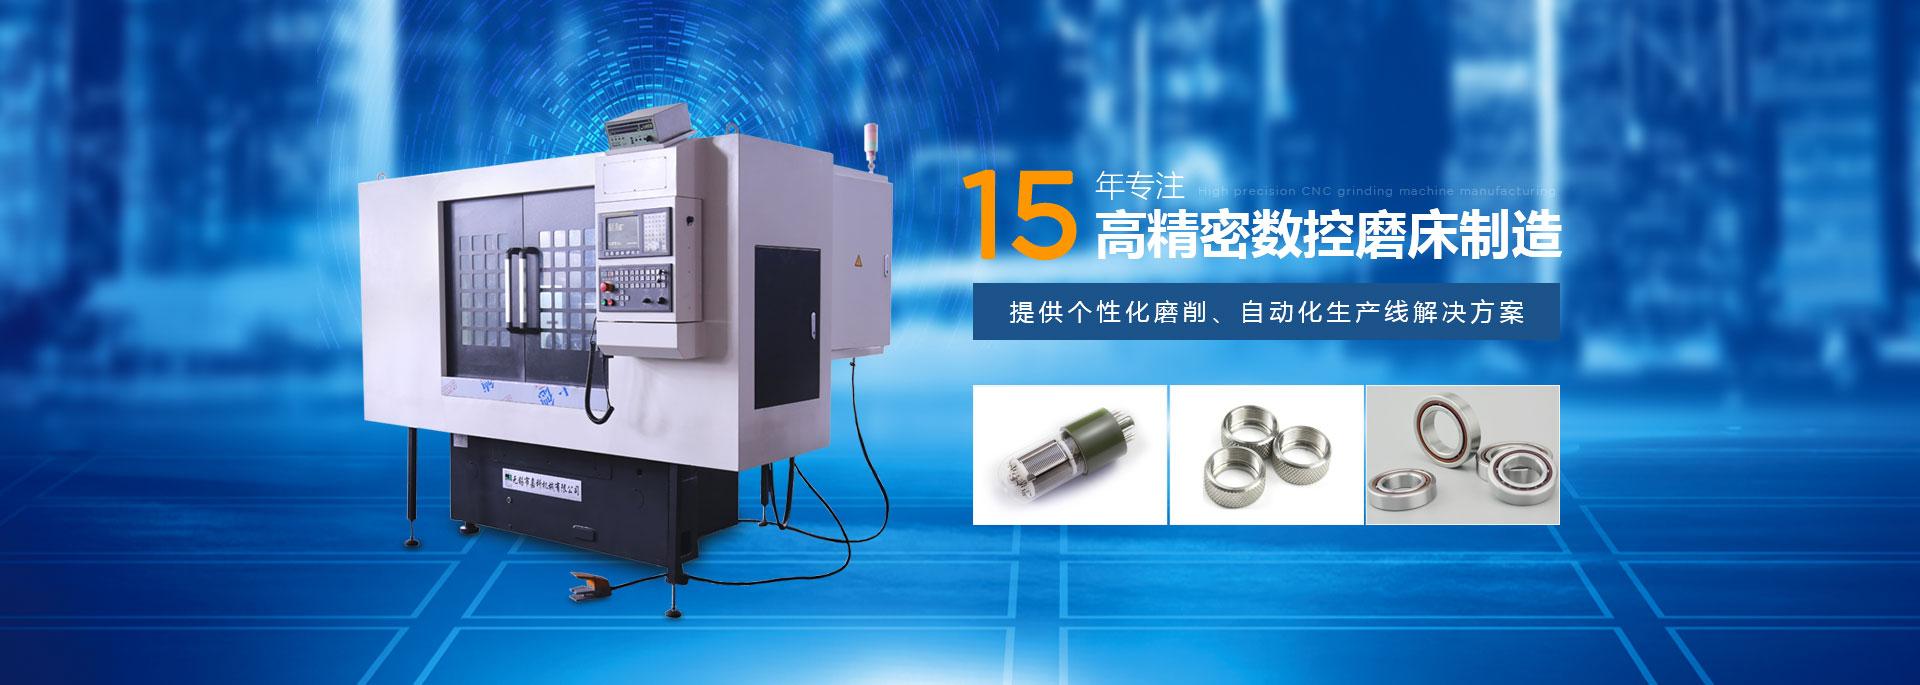 嘉科机械-15年专注高精密数控磨床制造